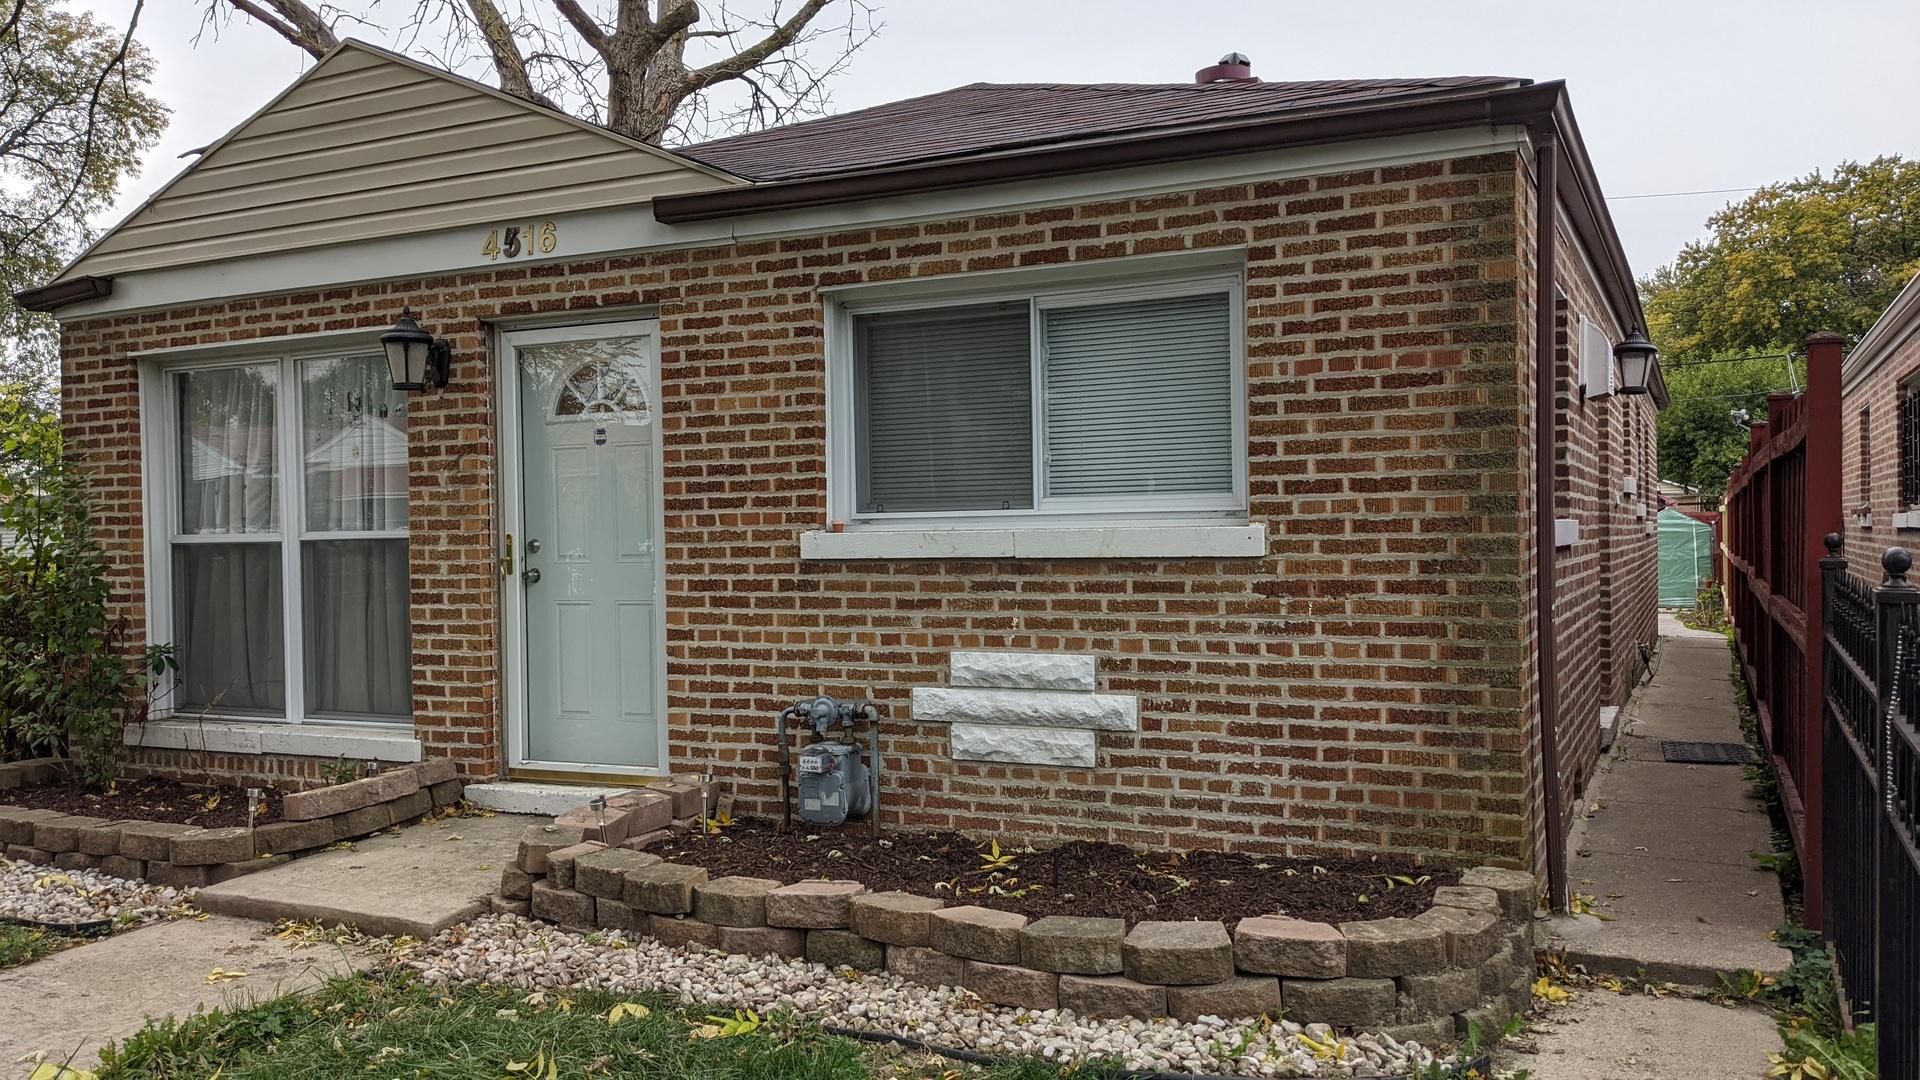 4516 S Lamon Avenue, Chicago IL 60638